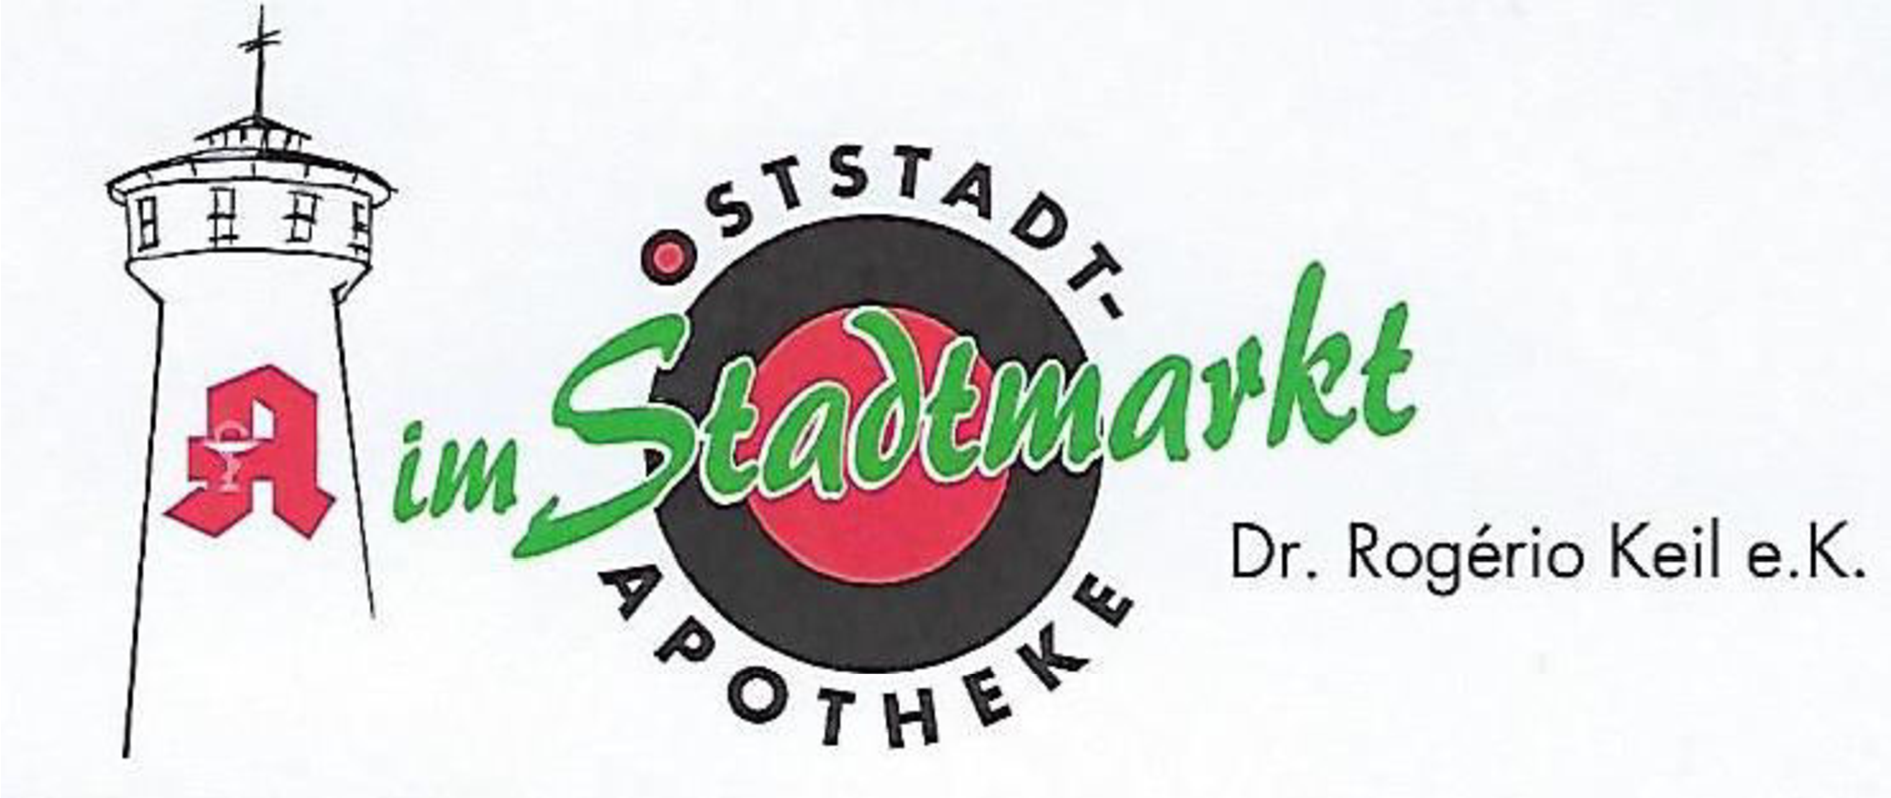 Logo der Oststadt-Apotheke im Stadtmarkt